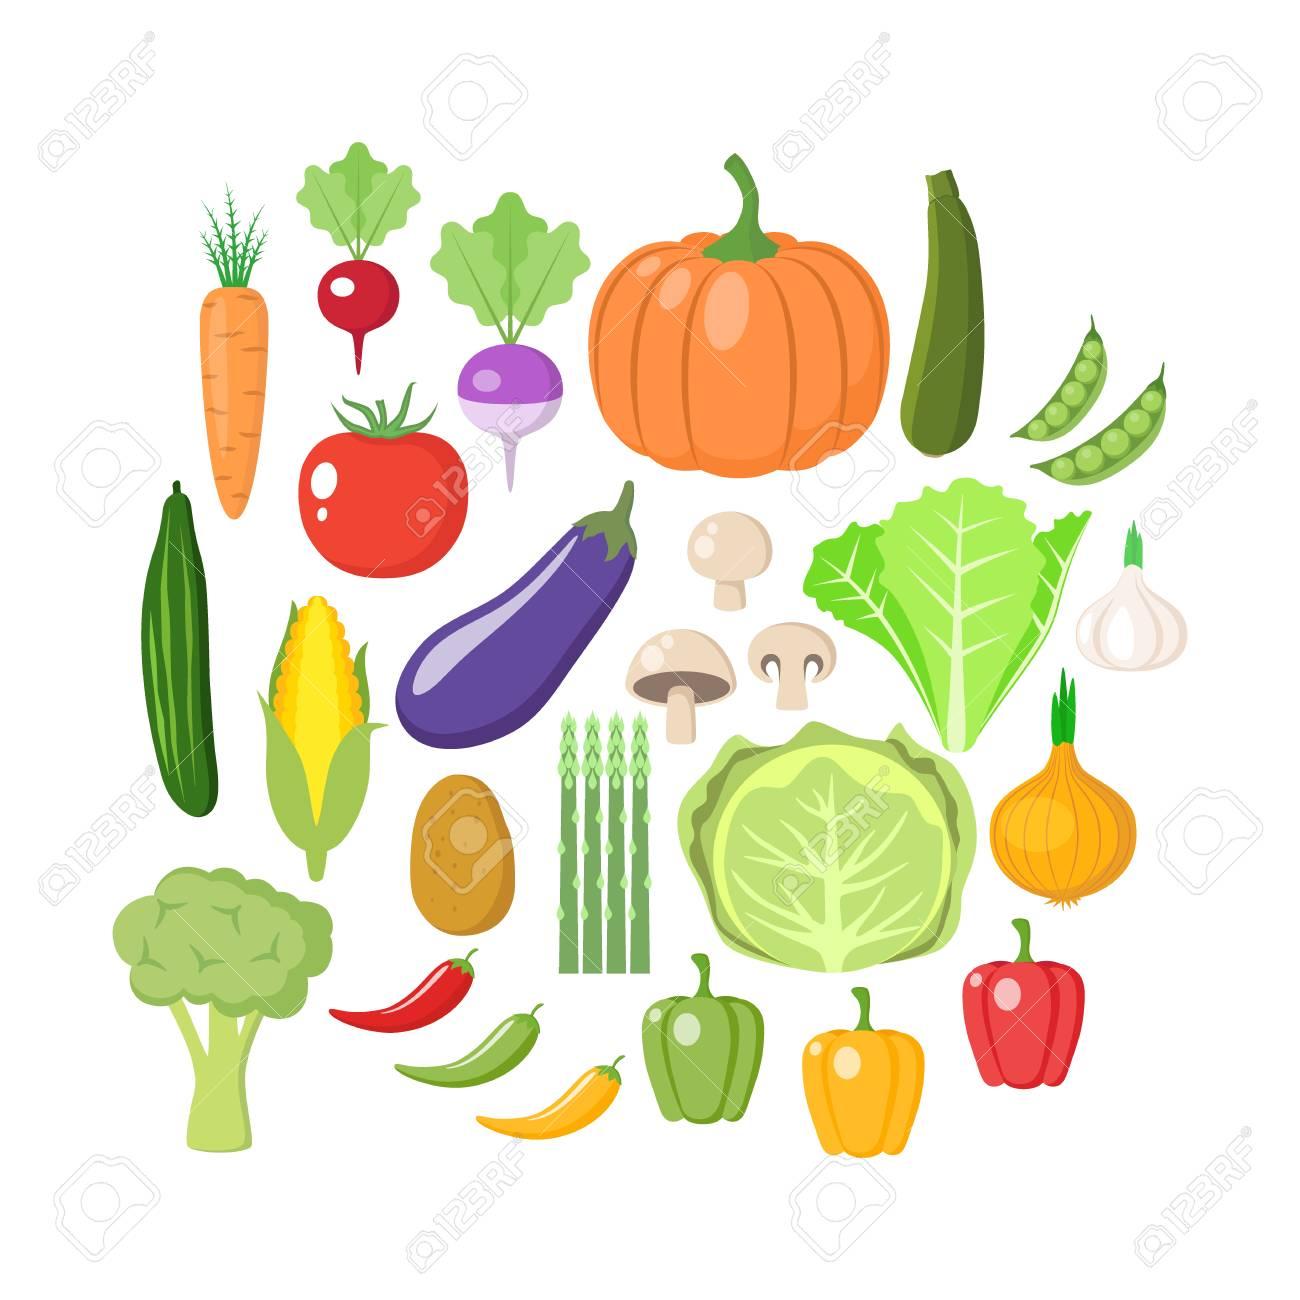 Excellent Colorful Vegetables Clipart Set Vegetable Colored Cartoon Vector Interior Design Ideas Pimpapslepicentreinfo